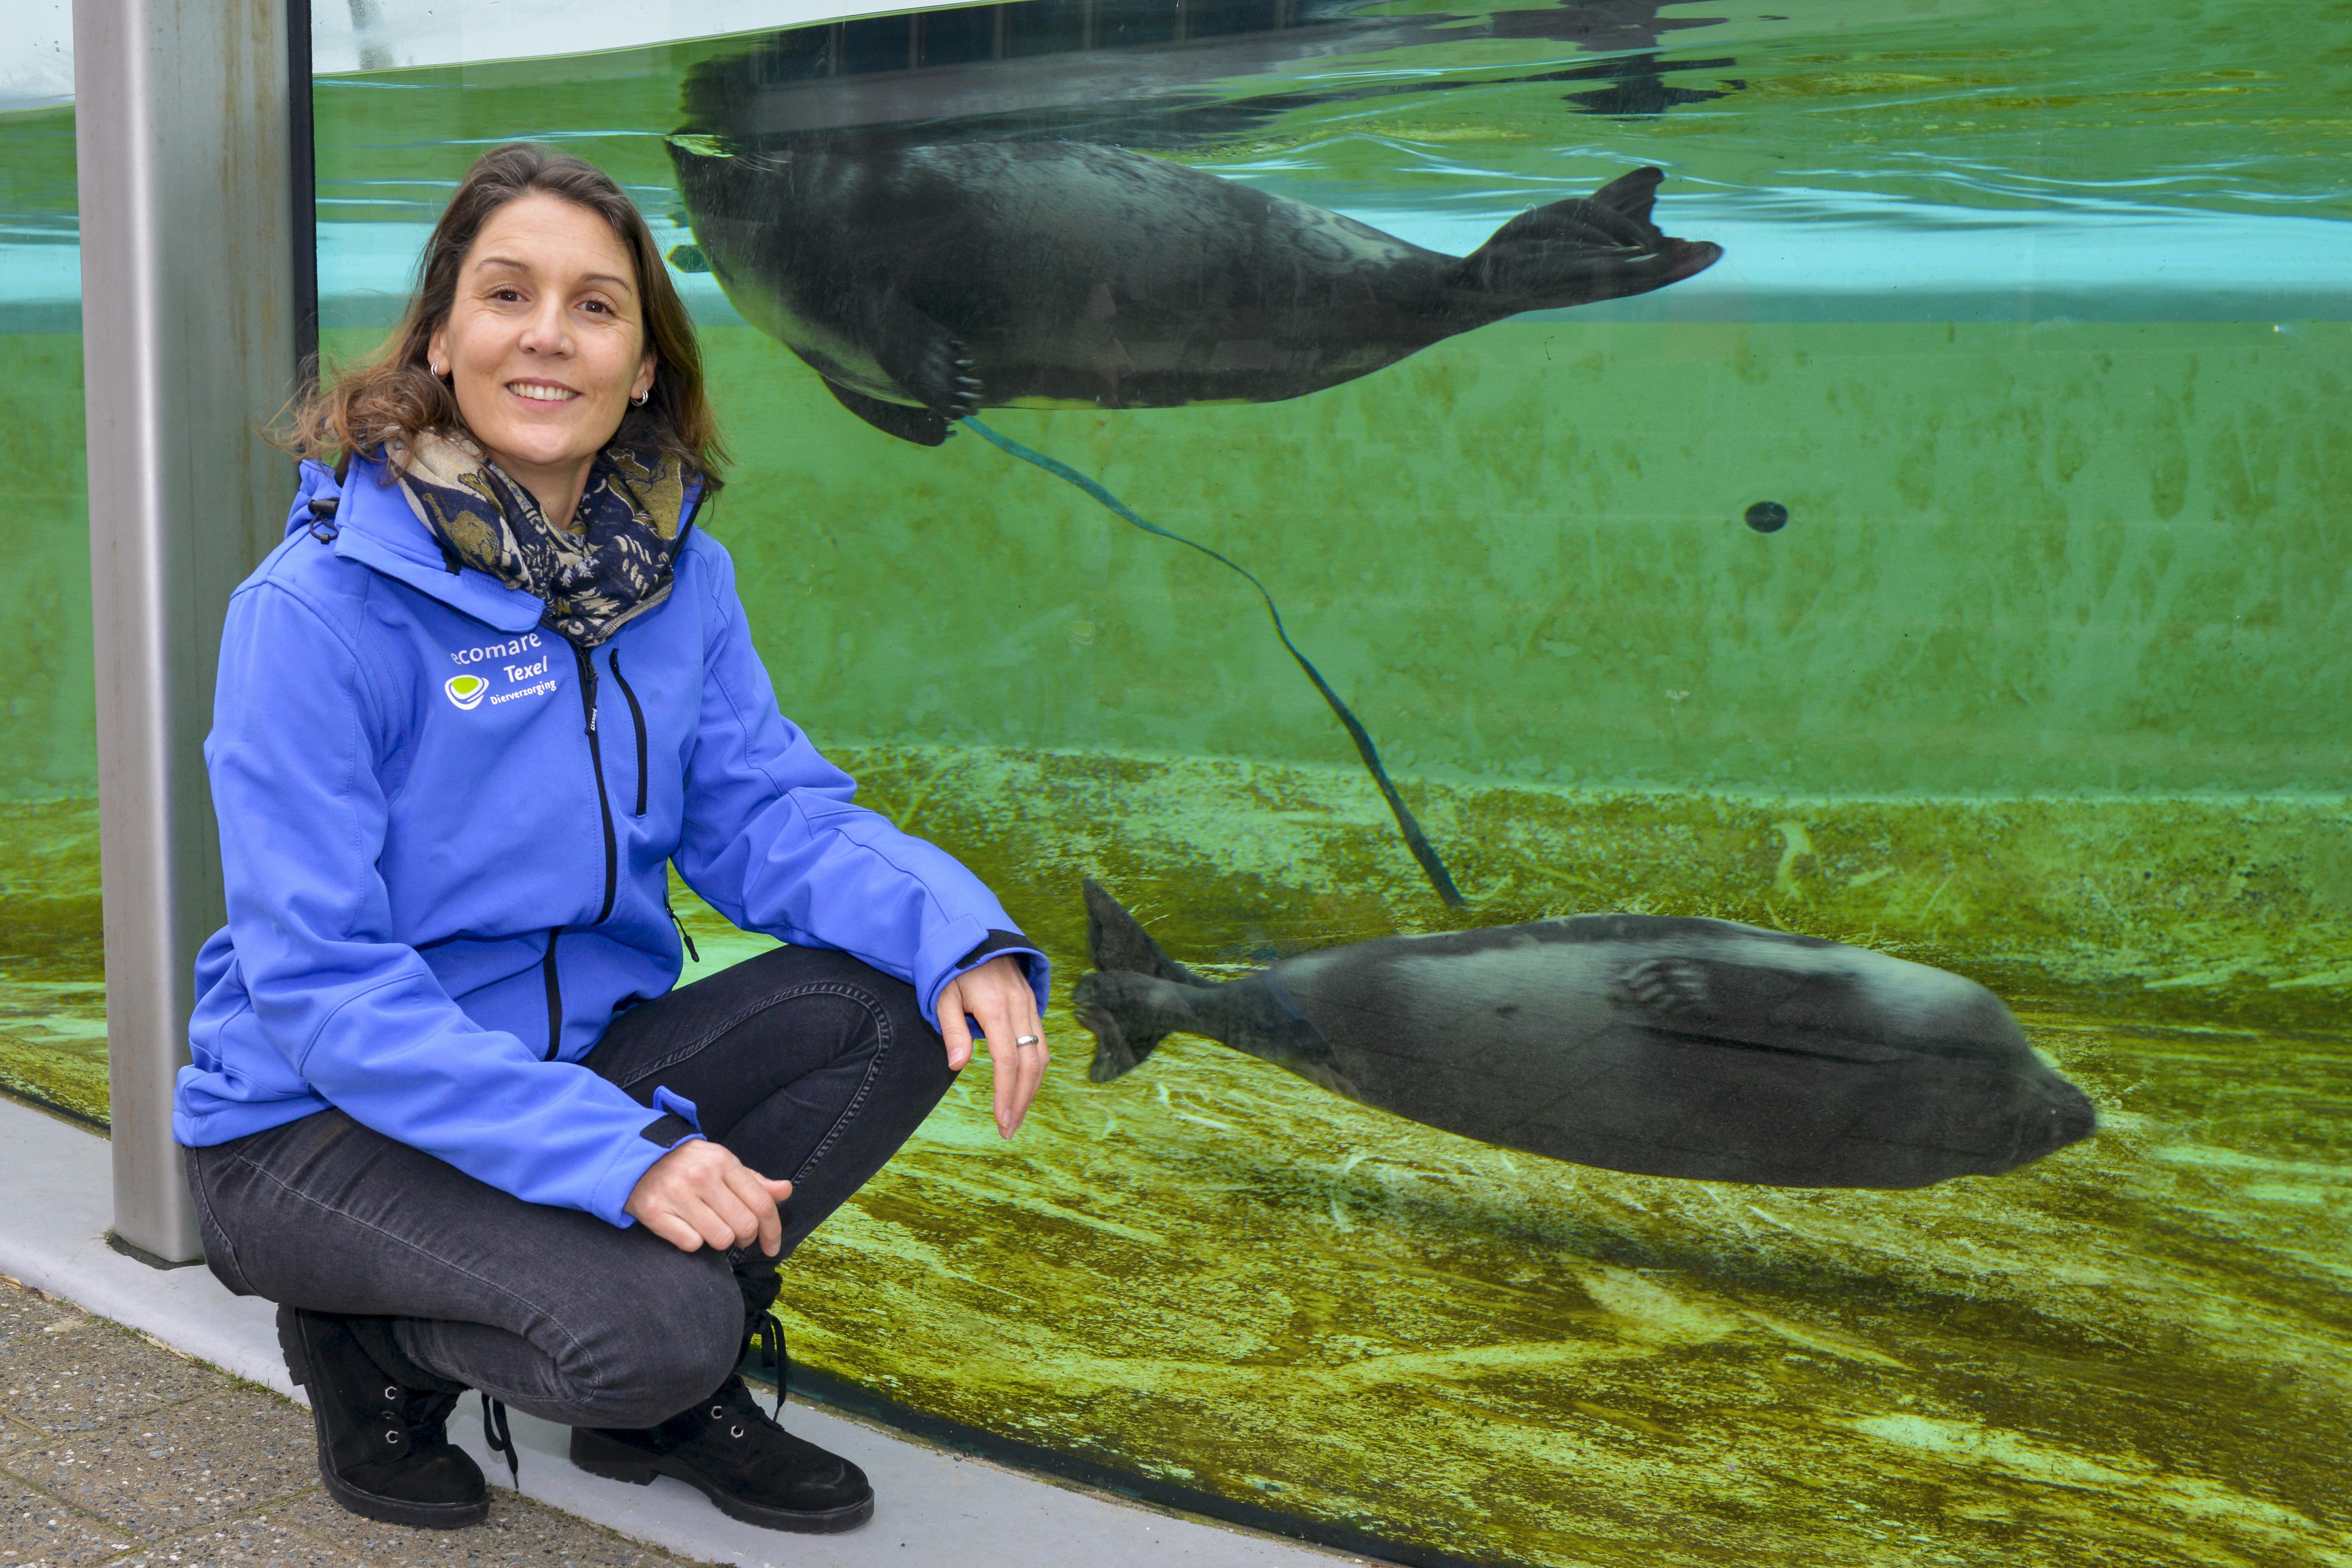 Van de olifanten in Vietnam naar de zeehonden op Texel. Dionne Slagter vindt het fantastisch bij Ecomare!